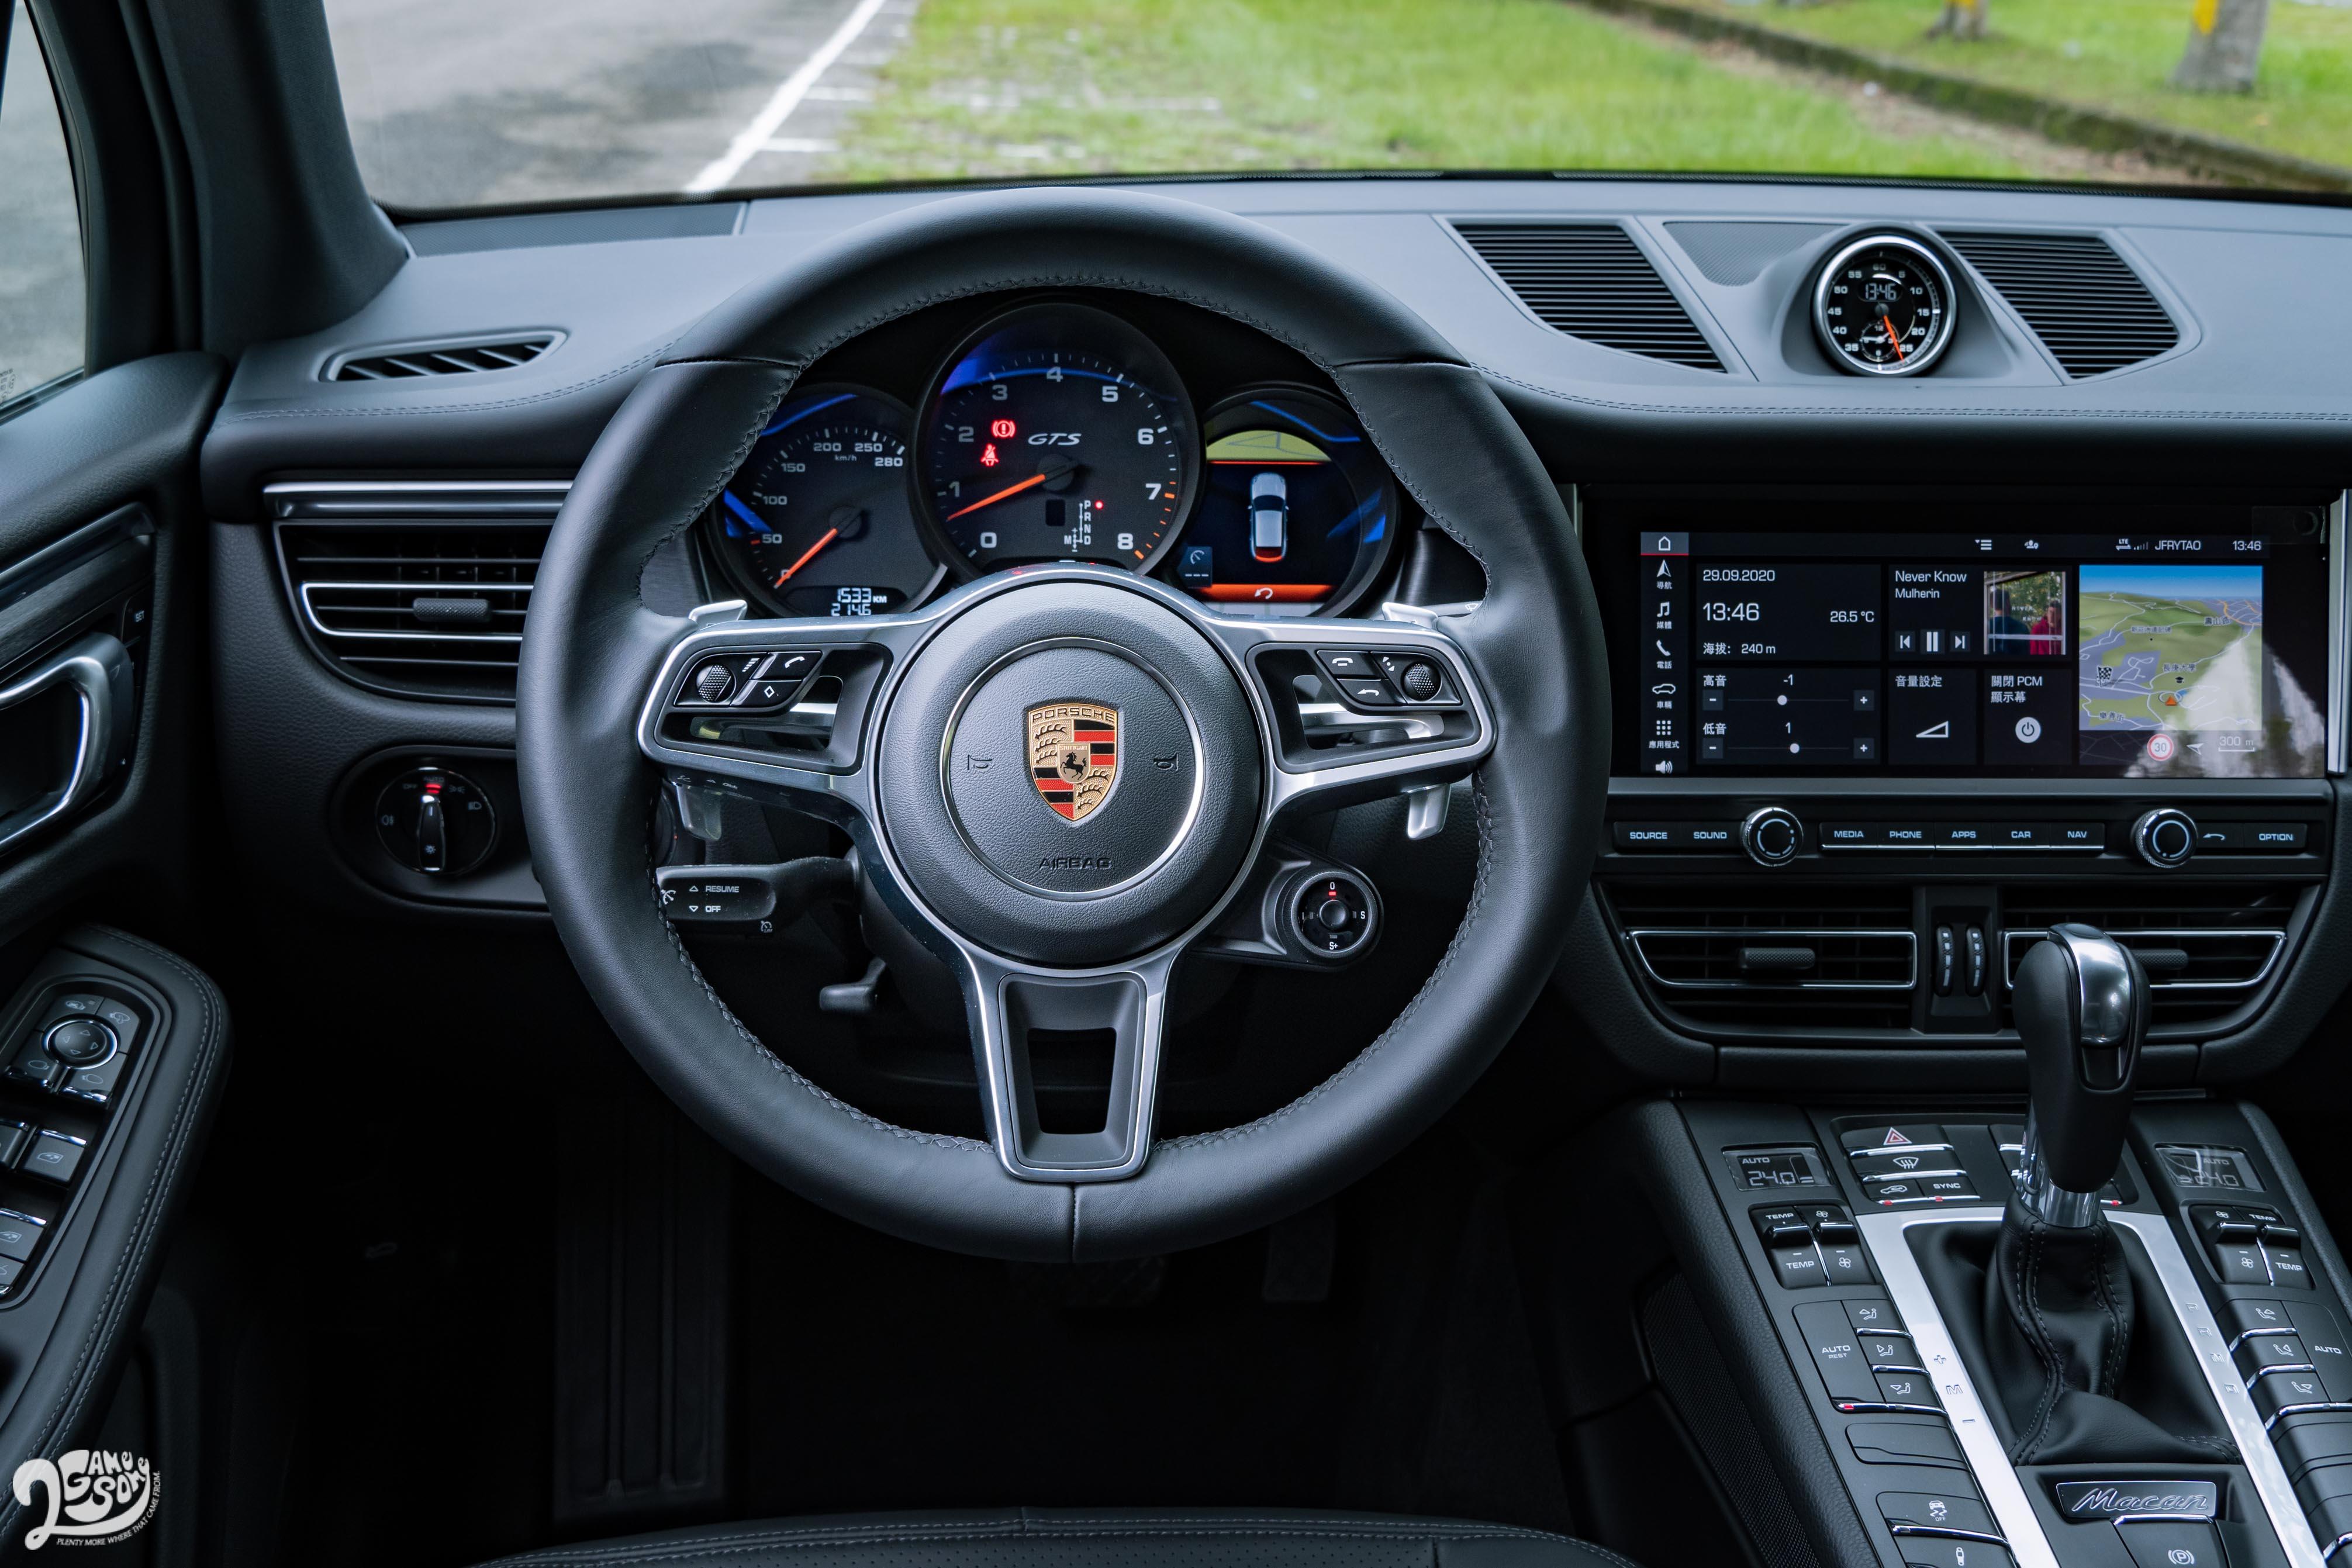 排檔桿與標配的多功能跑車方向盤採用皮革包覆,換檔撥片為標準配備。試駕車選配跑車計時套件,中控臺上方多了計時碼錶,方向盤右下多了模式切換鈕。